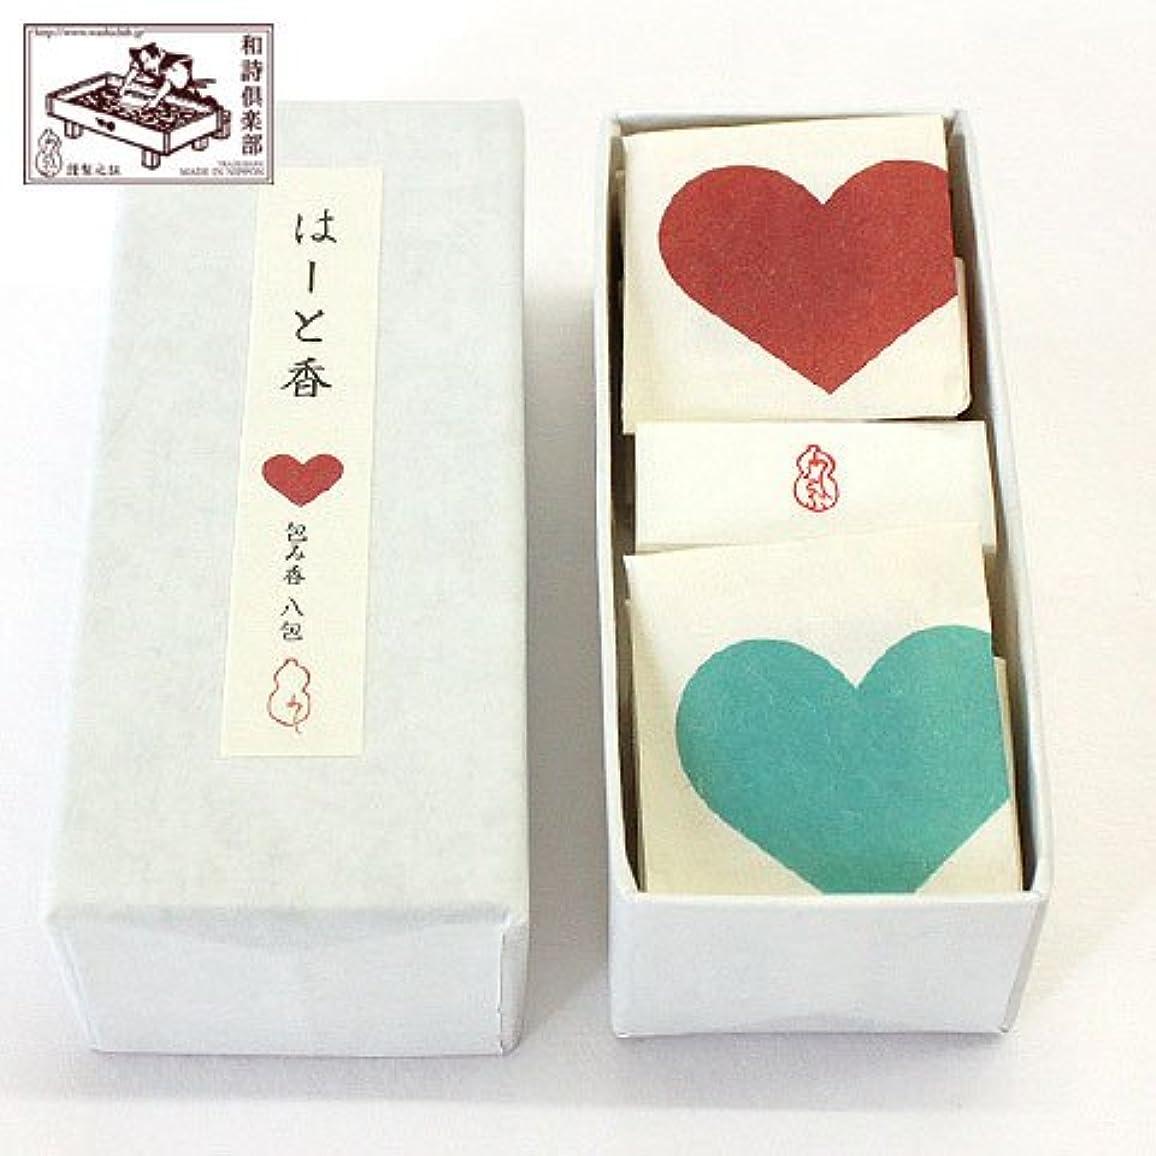 食器棚迷彩小川文香包み香はーと香 (TU-015)和詩倶楽部